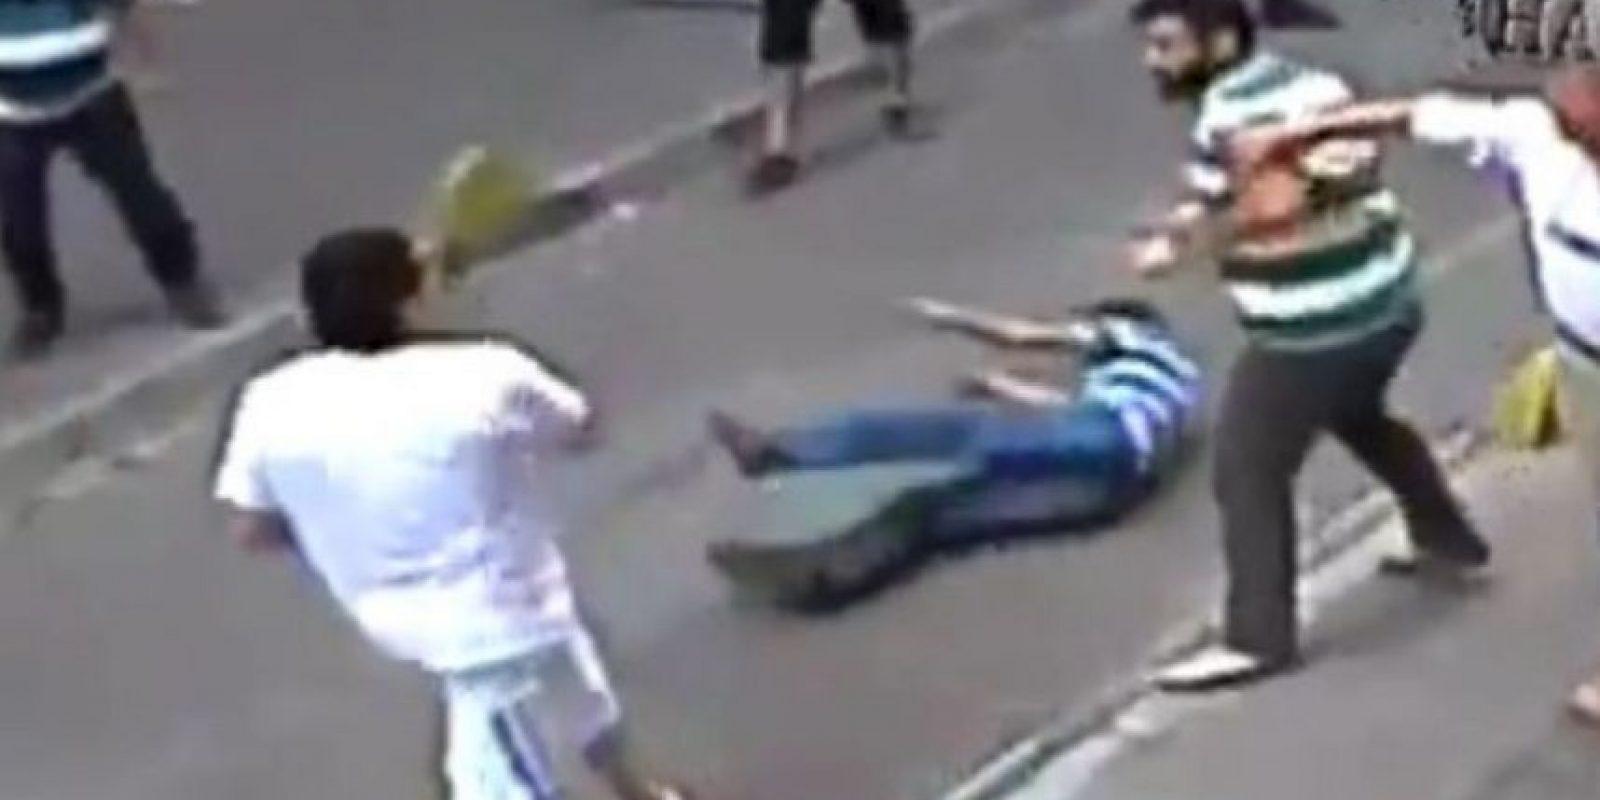 Un hombre se pelea con un grupo de personas en el barrio de Aksaray, en Estambul, Turquía, derrotando a los seis con los que peleaba. Era luchador profesional. Foto:YouTube-Archivo